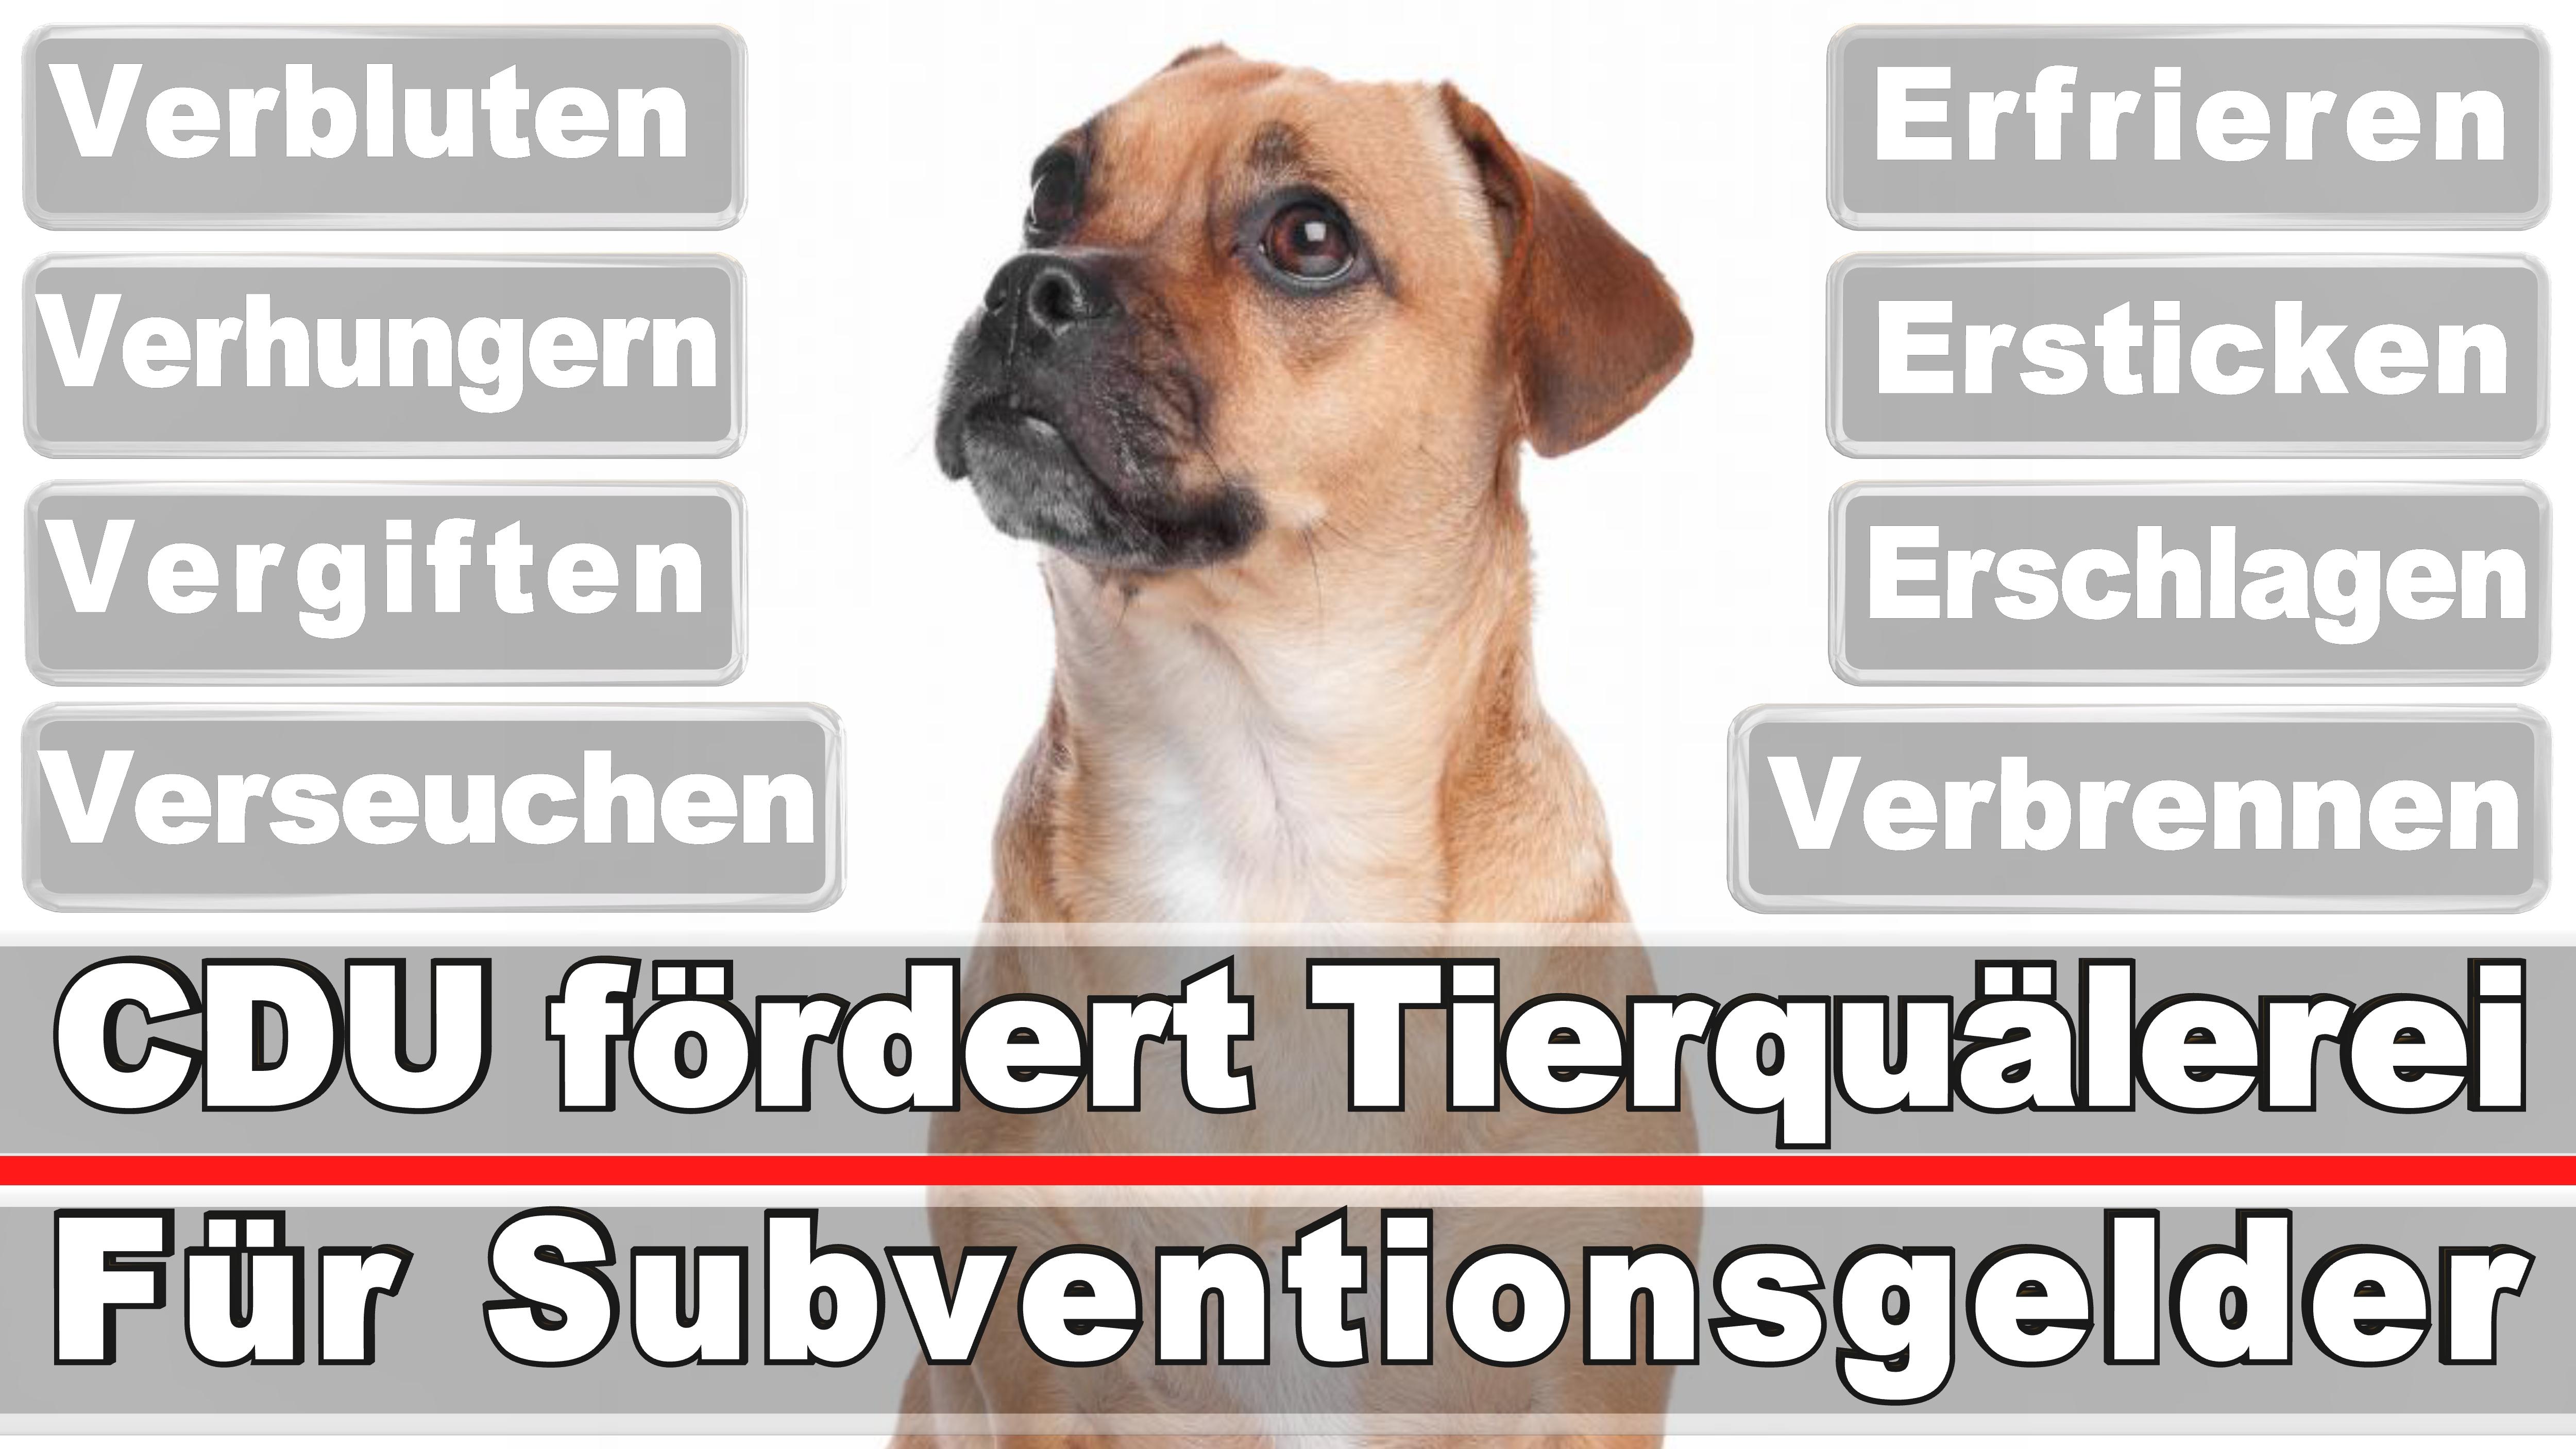 Landtagswahl-Bundestagswahl-CDU-SPD-FDP-AFD-Linke-Piraten (27)